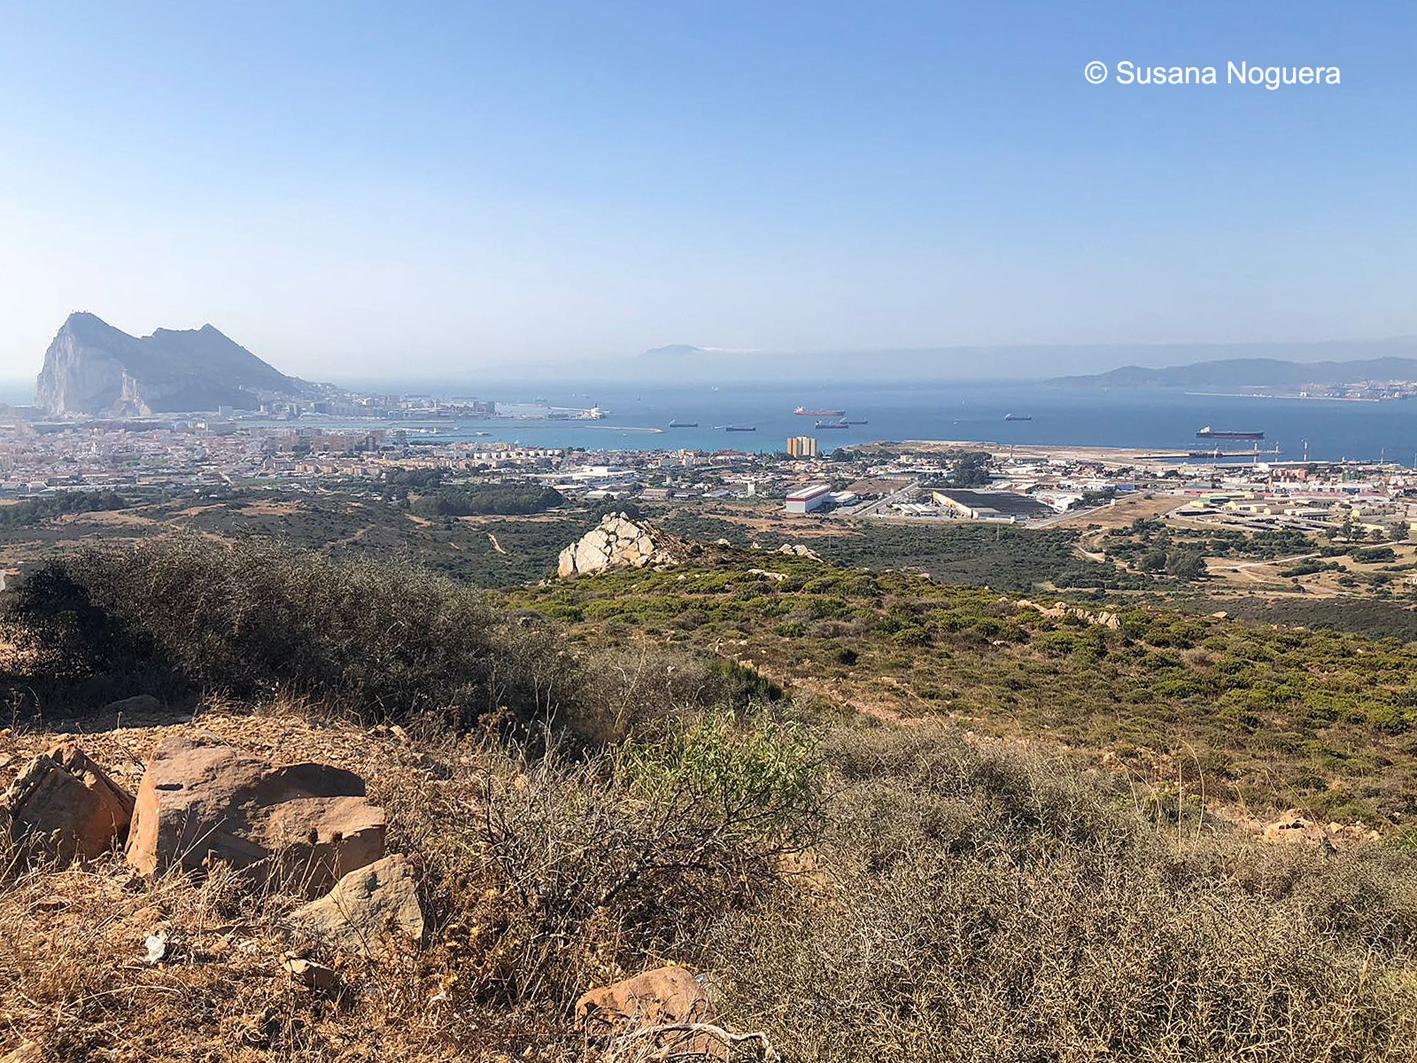 Bahía de Algeciras desde Sierra Carbonera. A la izquierda, el Peñón. Imagen: Susana Noguera